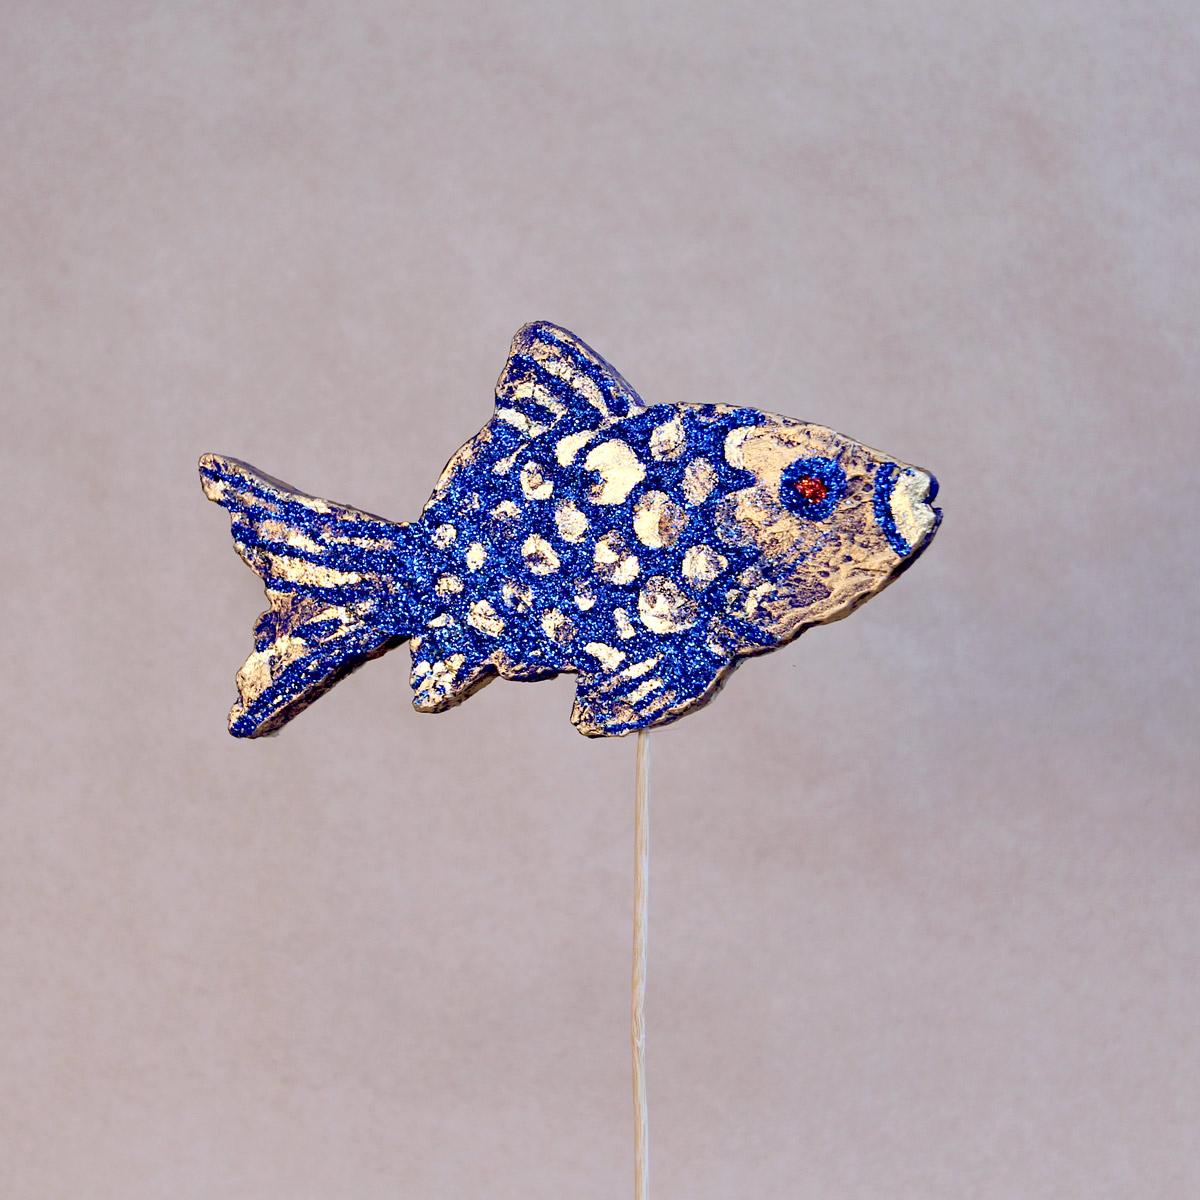 Рыбка из пенопласта.